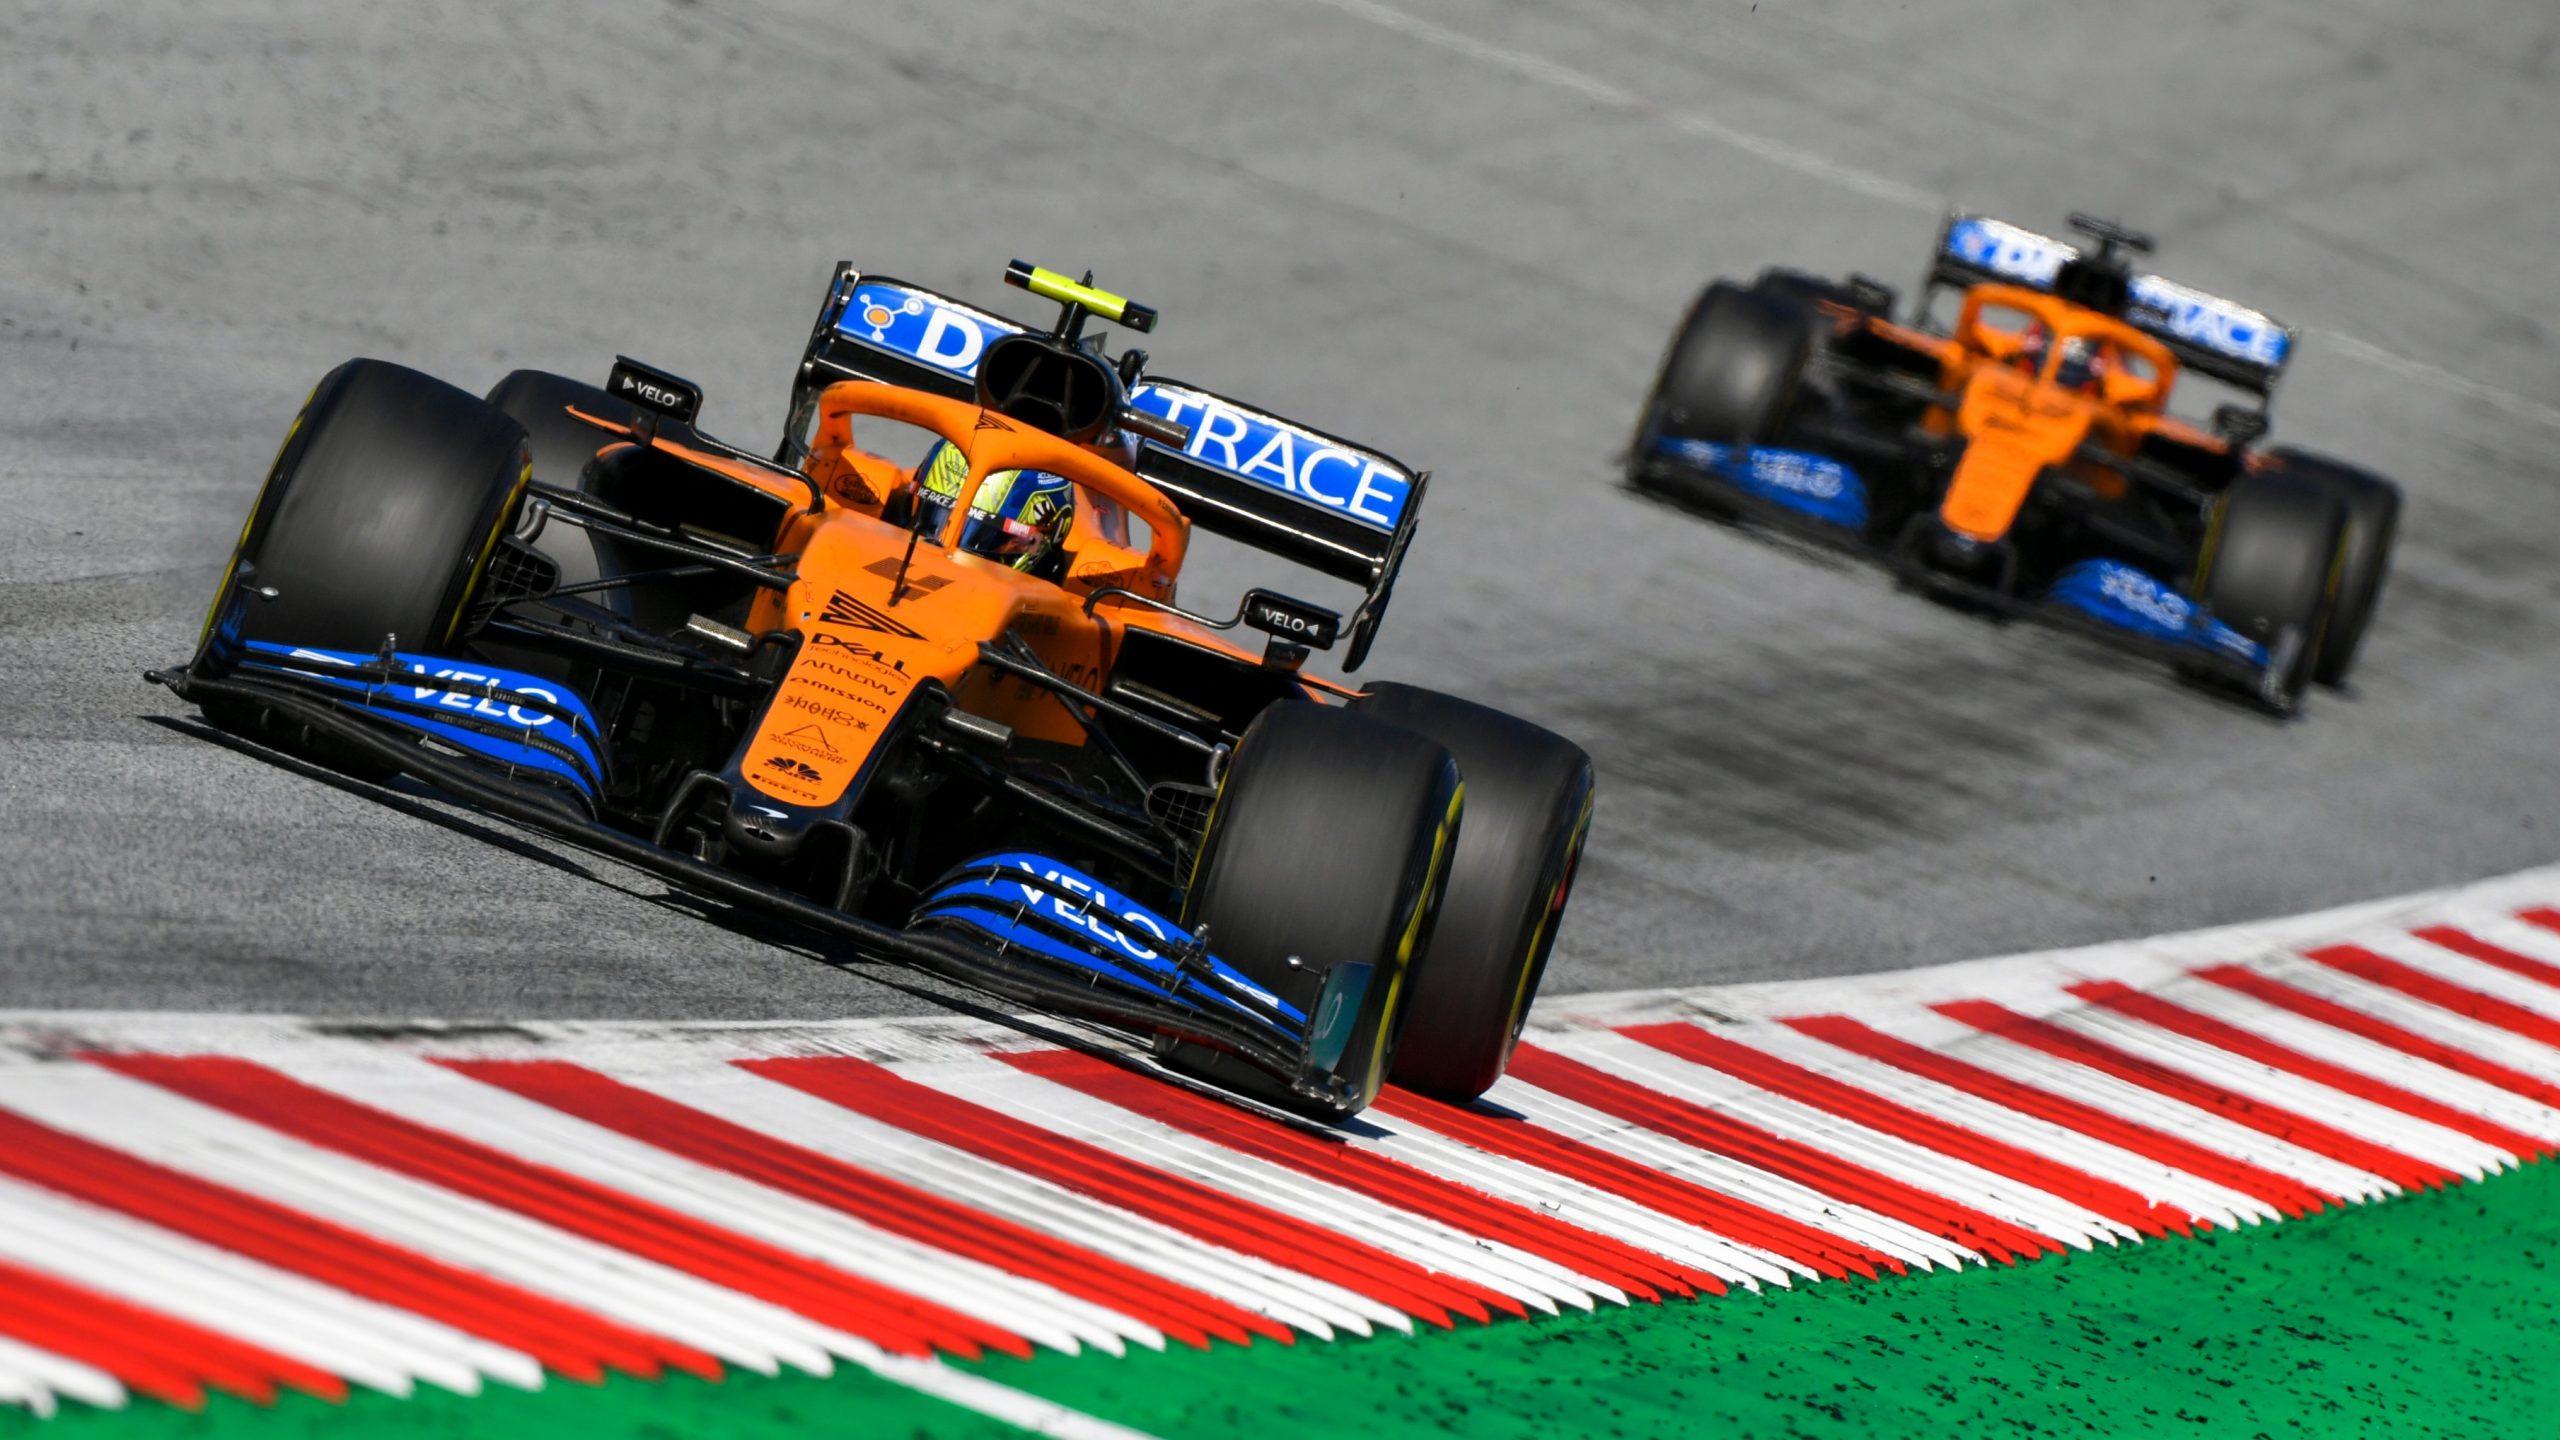 F1 - Officiel : Lando Norris pénalisé sur la grille de départ du GP de Styrie